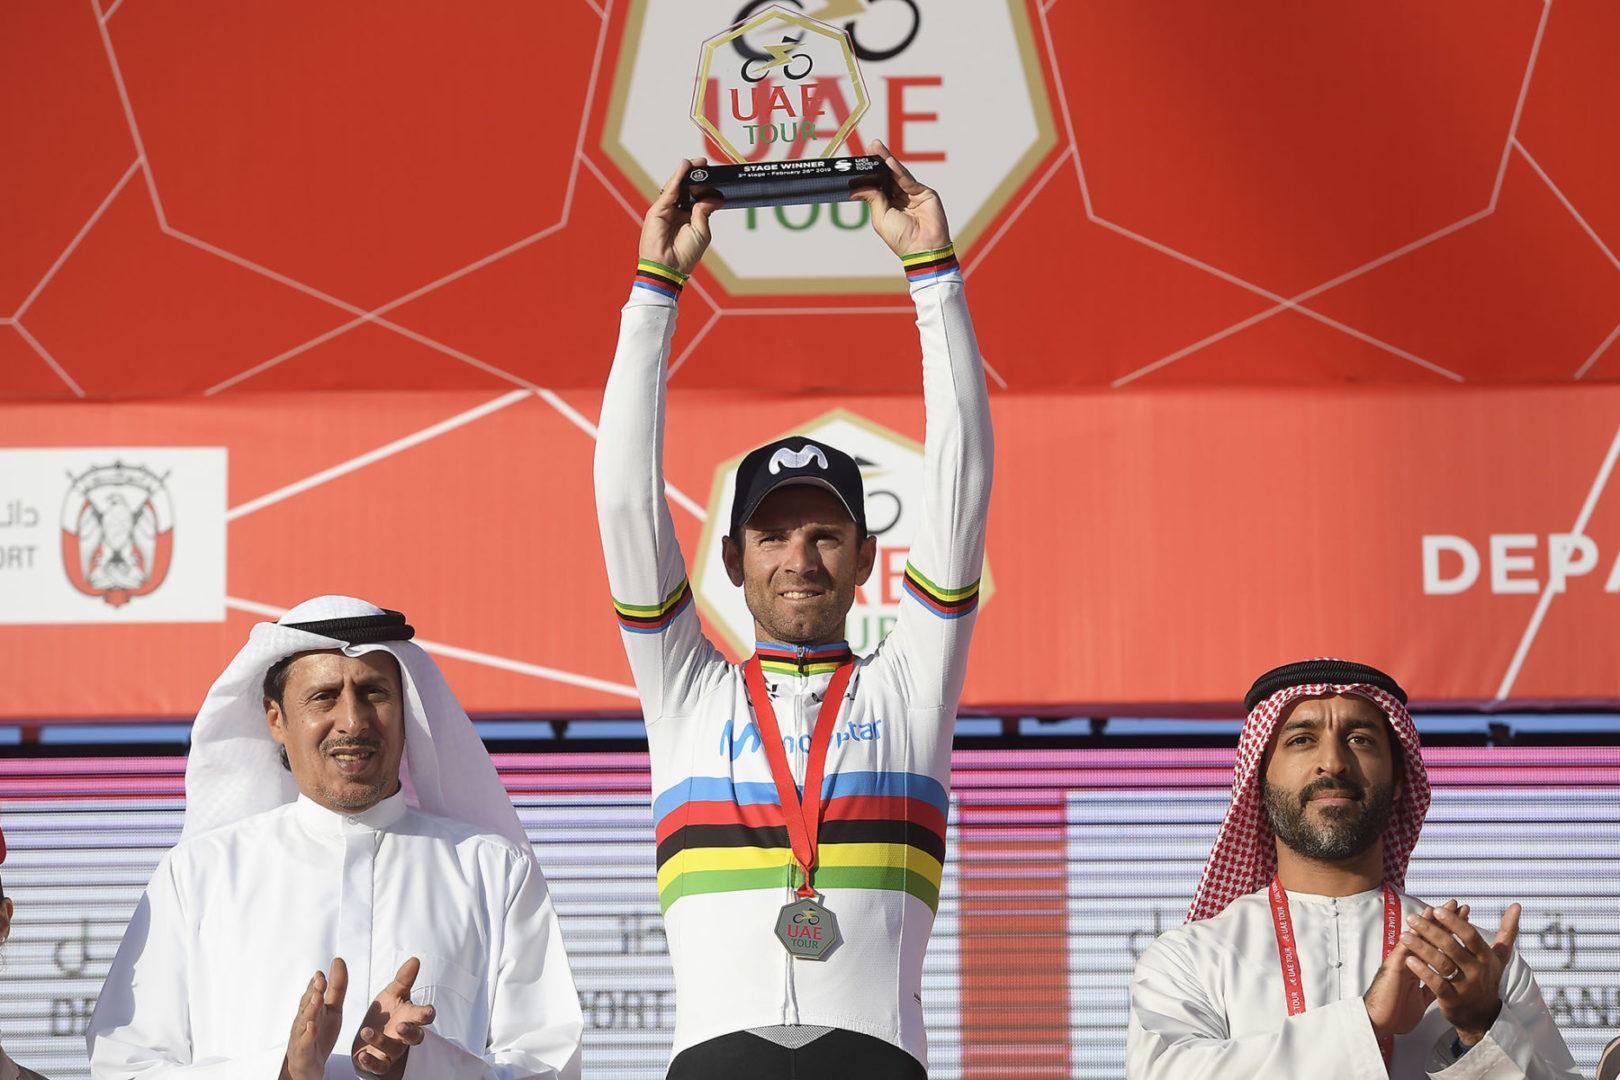 Alejandro Valverde UAE